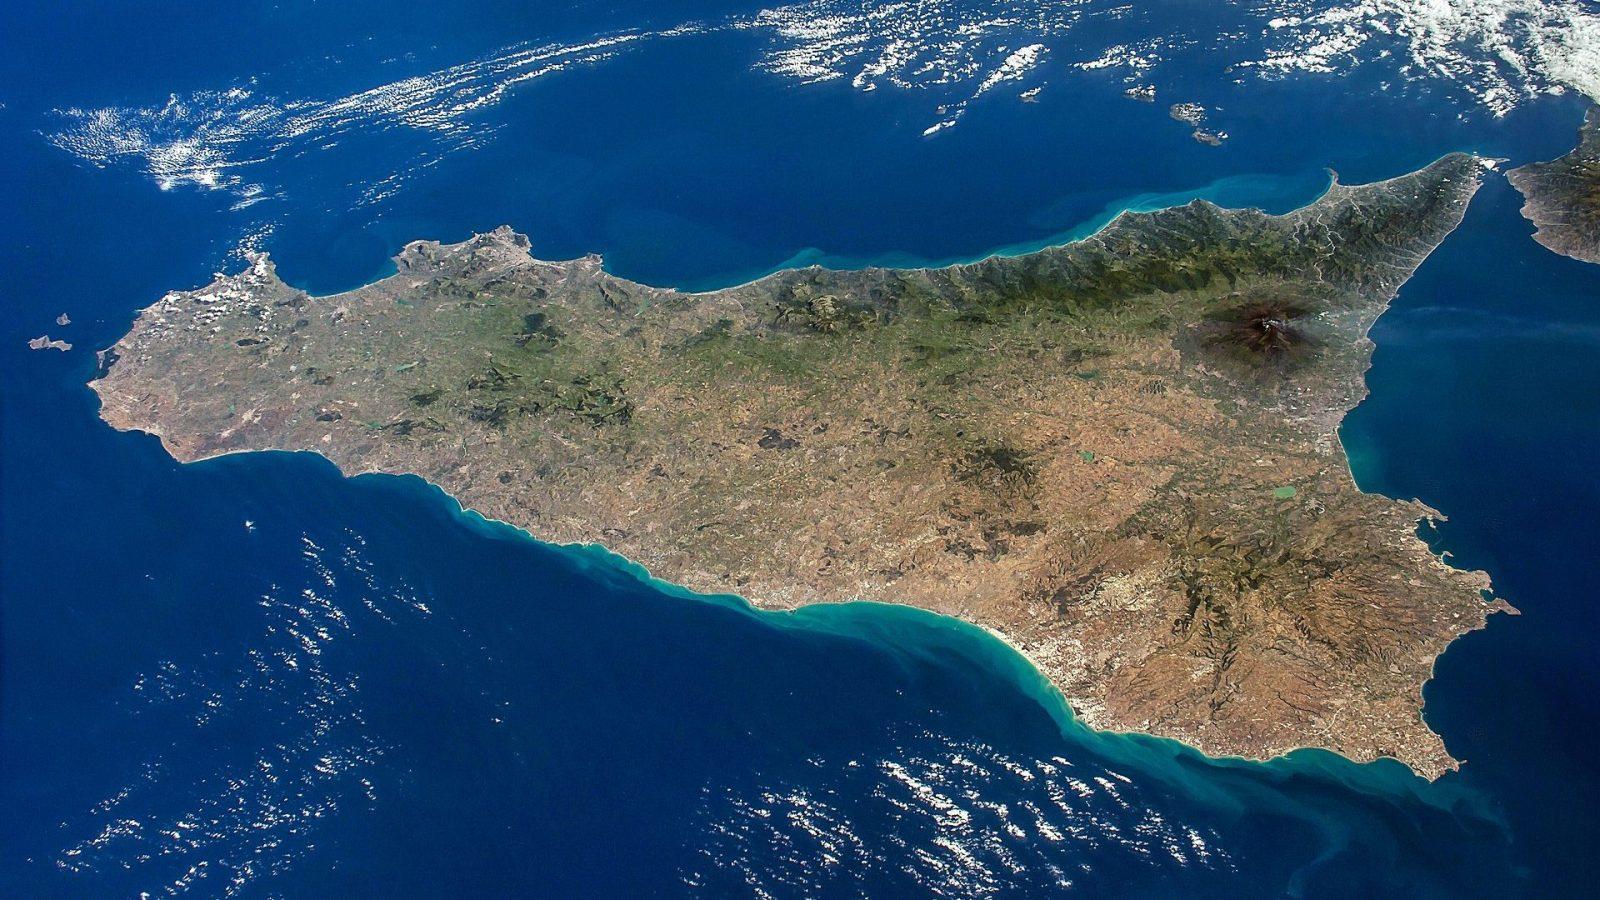 sicilia vista dall'alto, foto NASA